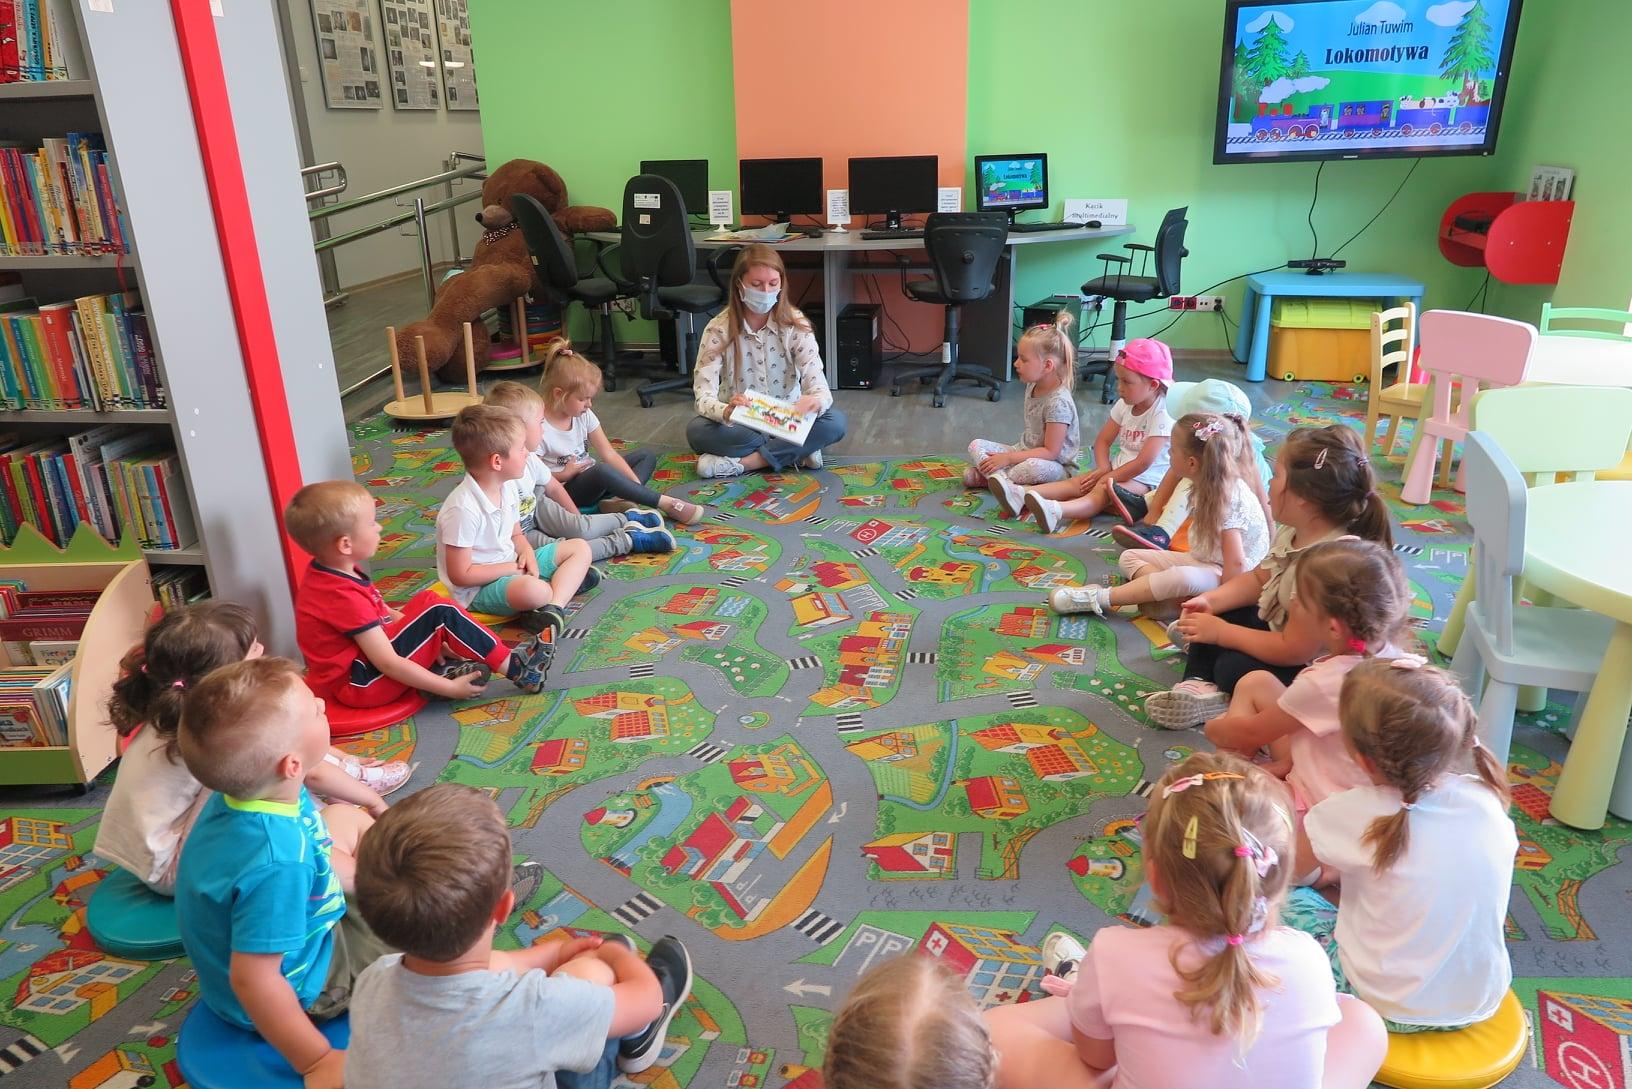 """Na zdjęciu szesnaścioro dzieci i jedna kobieta siedzą w okręgu na podłodze w Oddziale dla dzieci. W tle na telewizorze wyświetlona jest ilustracja pociągu i napis: """"Julian Tuwim. Lokomotywa"""""""